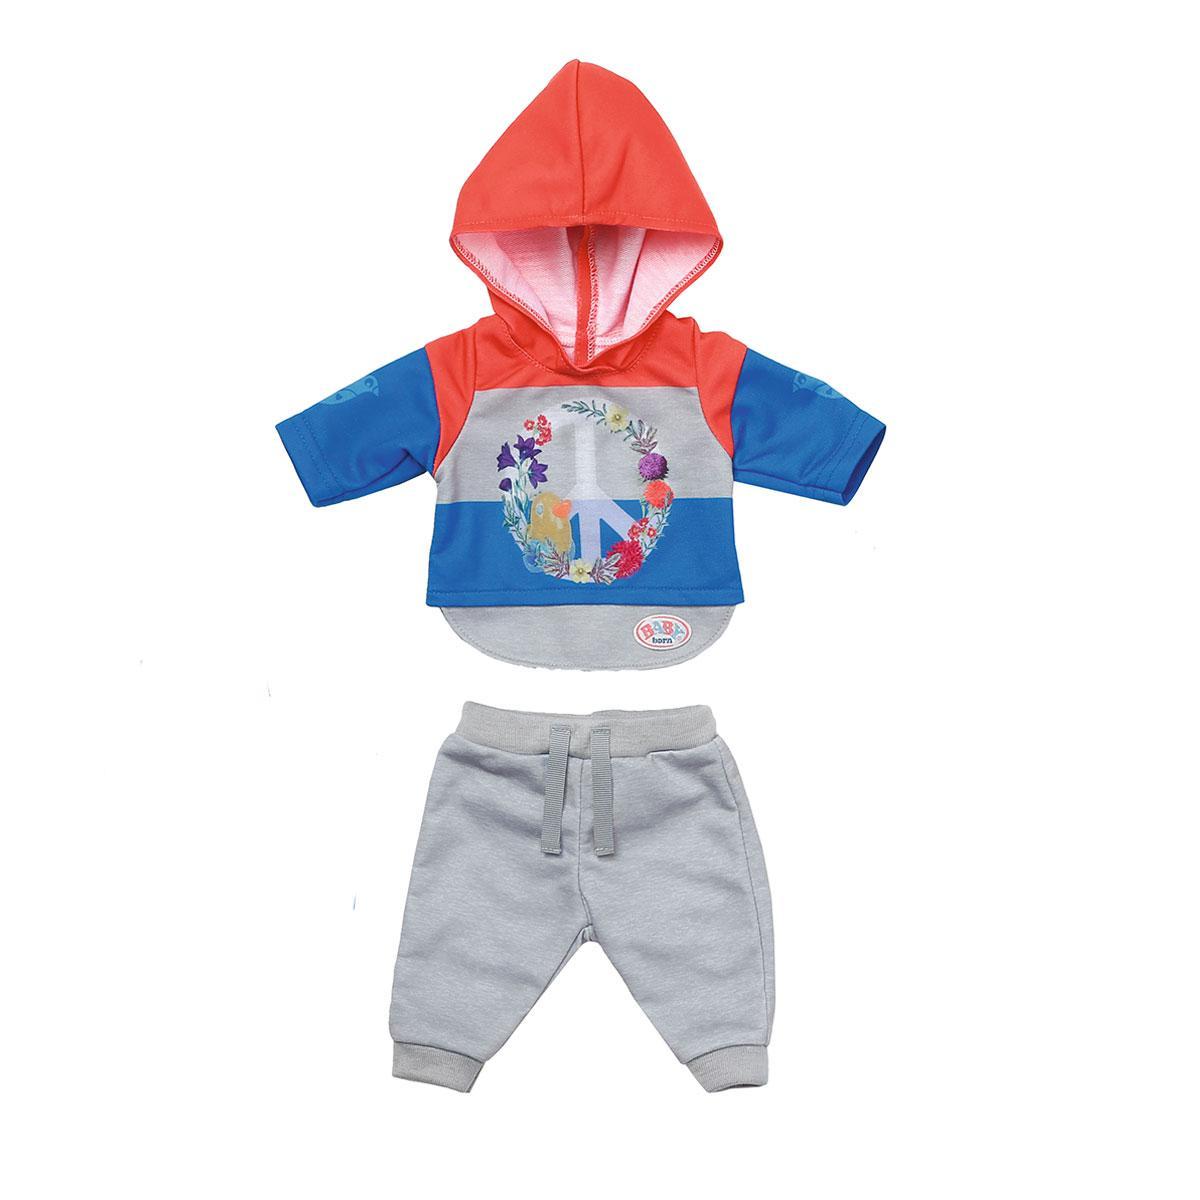 Набор одежды для куклы - Трендовый спортивный костюм (синий) Baby Born 826980-2